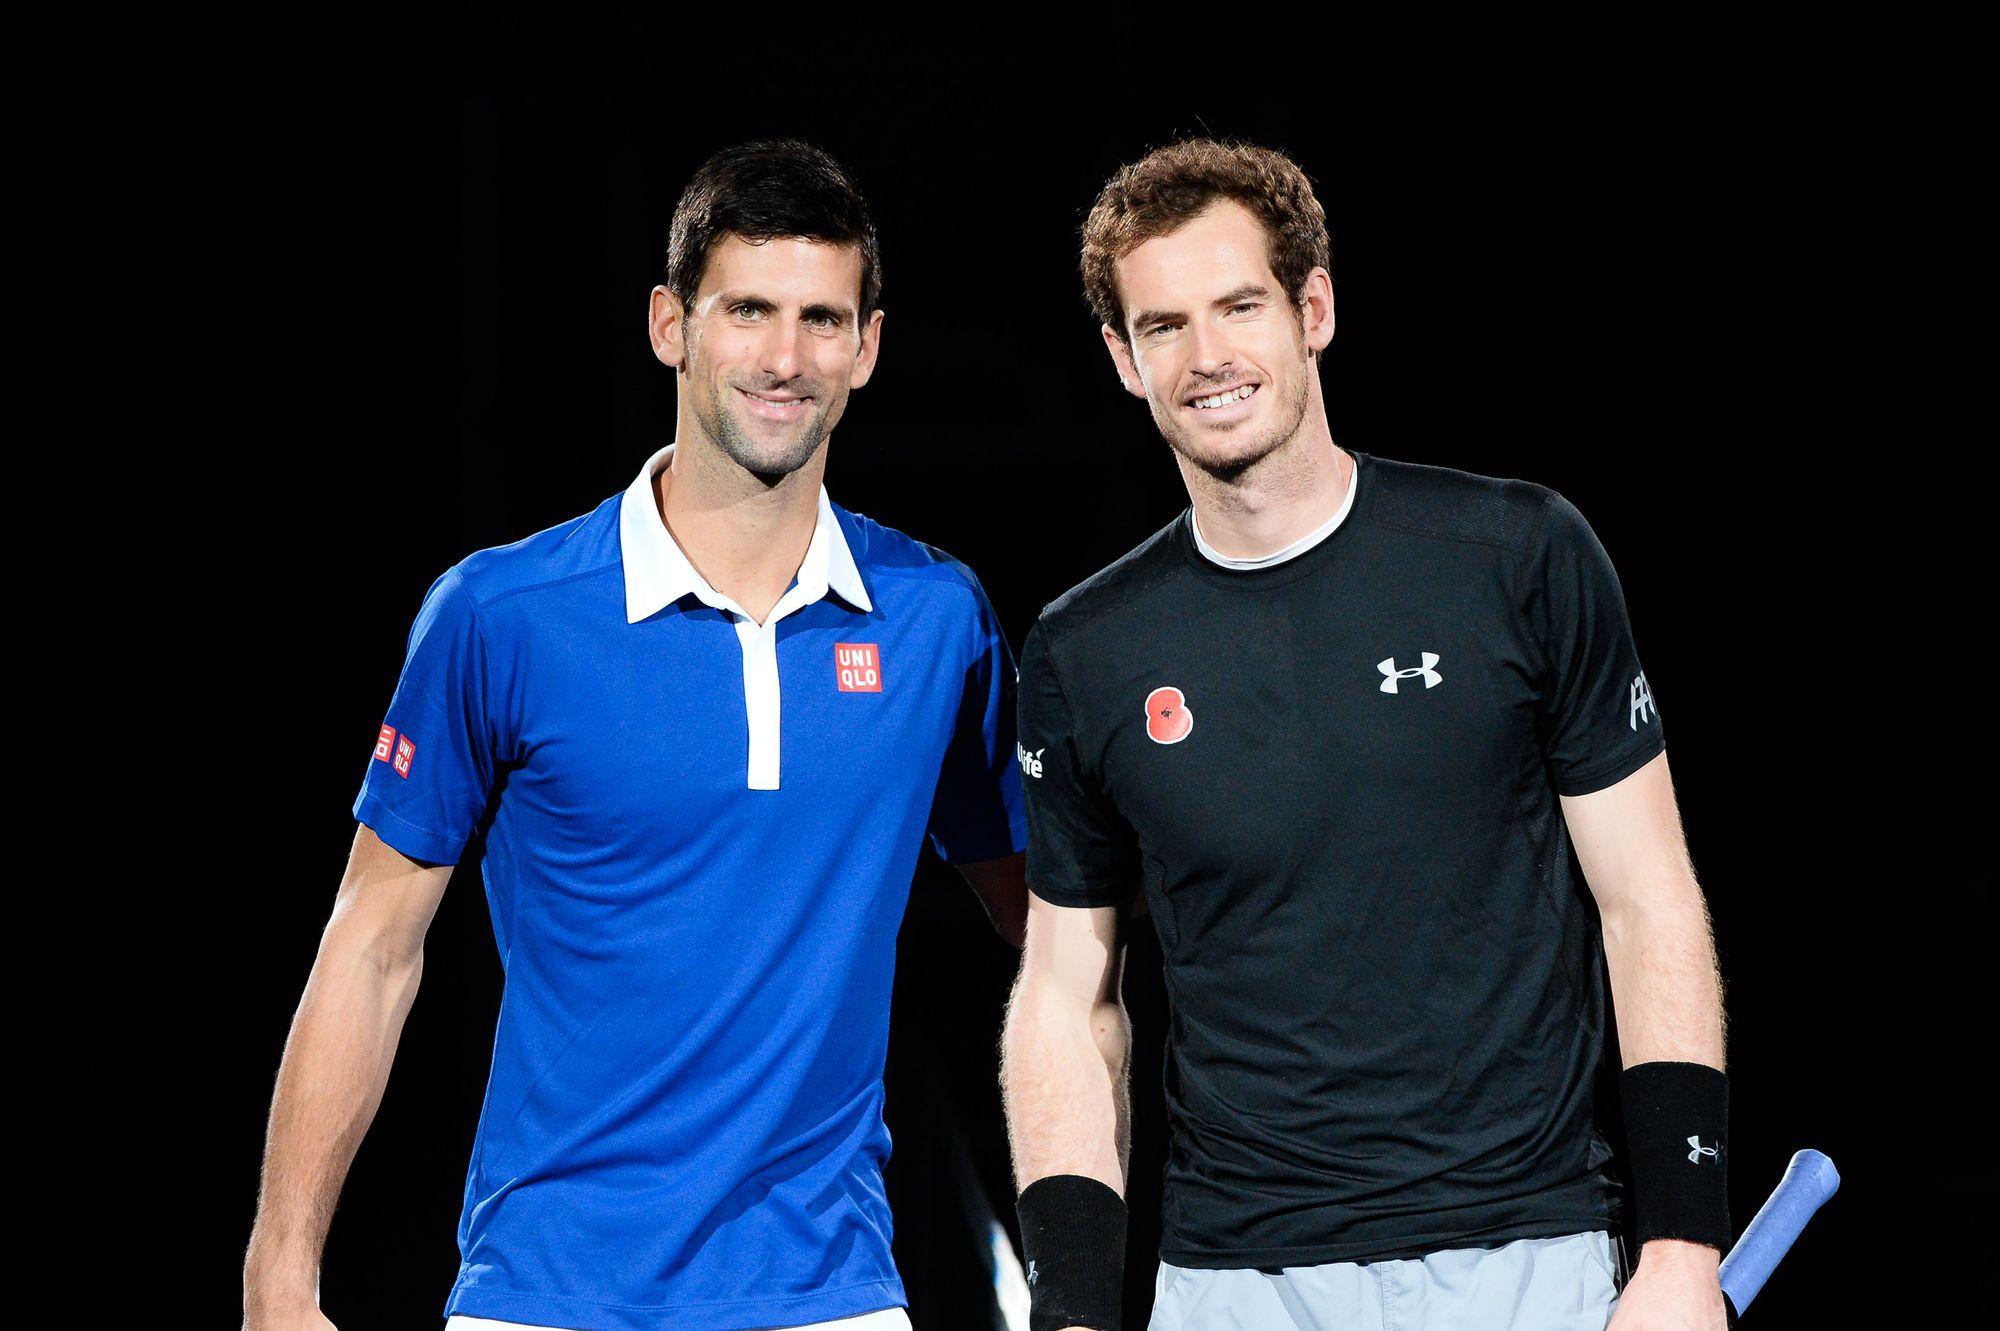 Finales de l'ATP : Murray-Djokovic, à la fin, il n'en restera qu'un